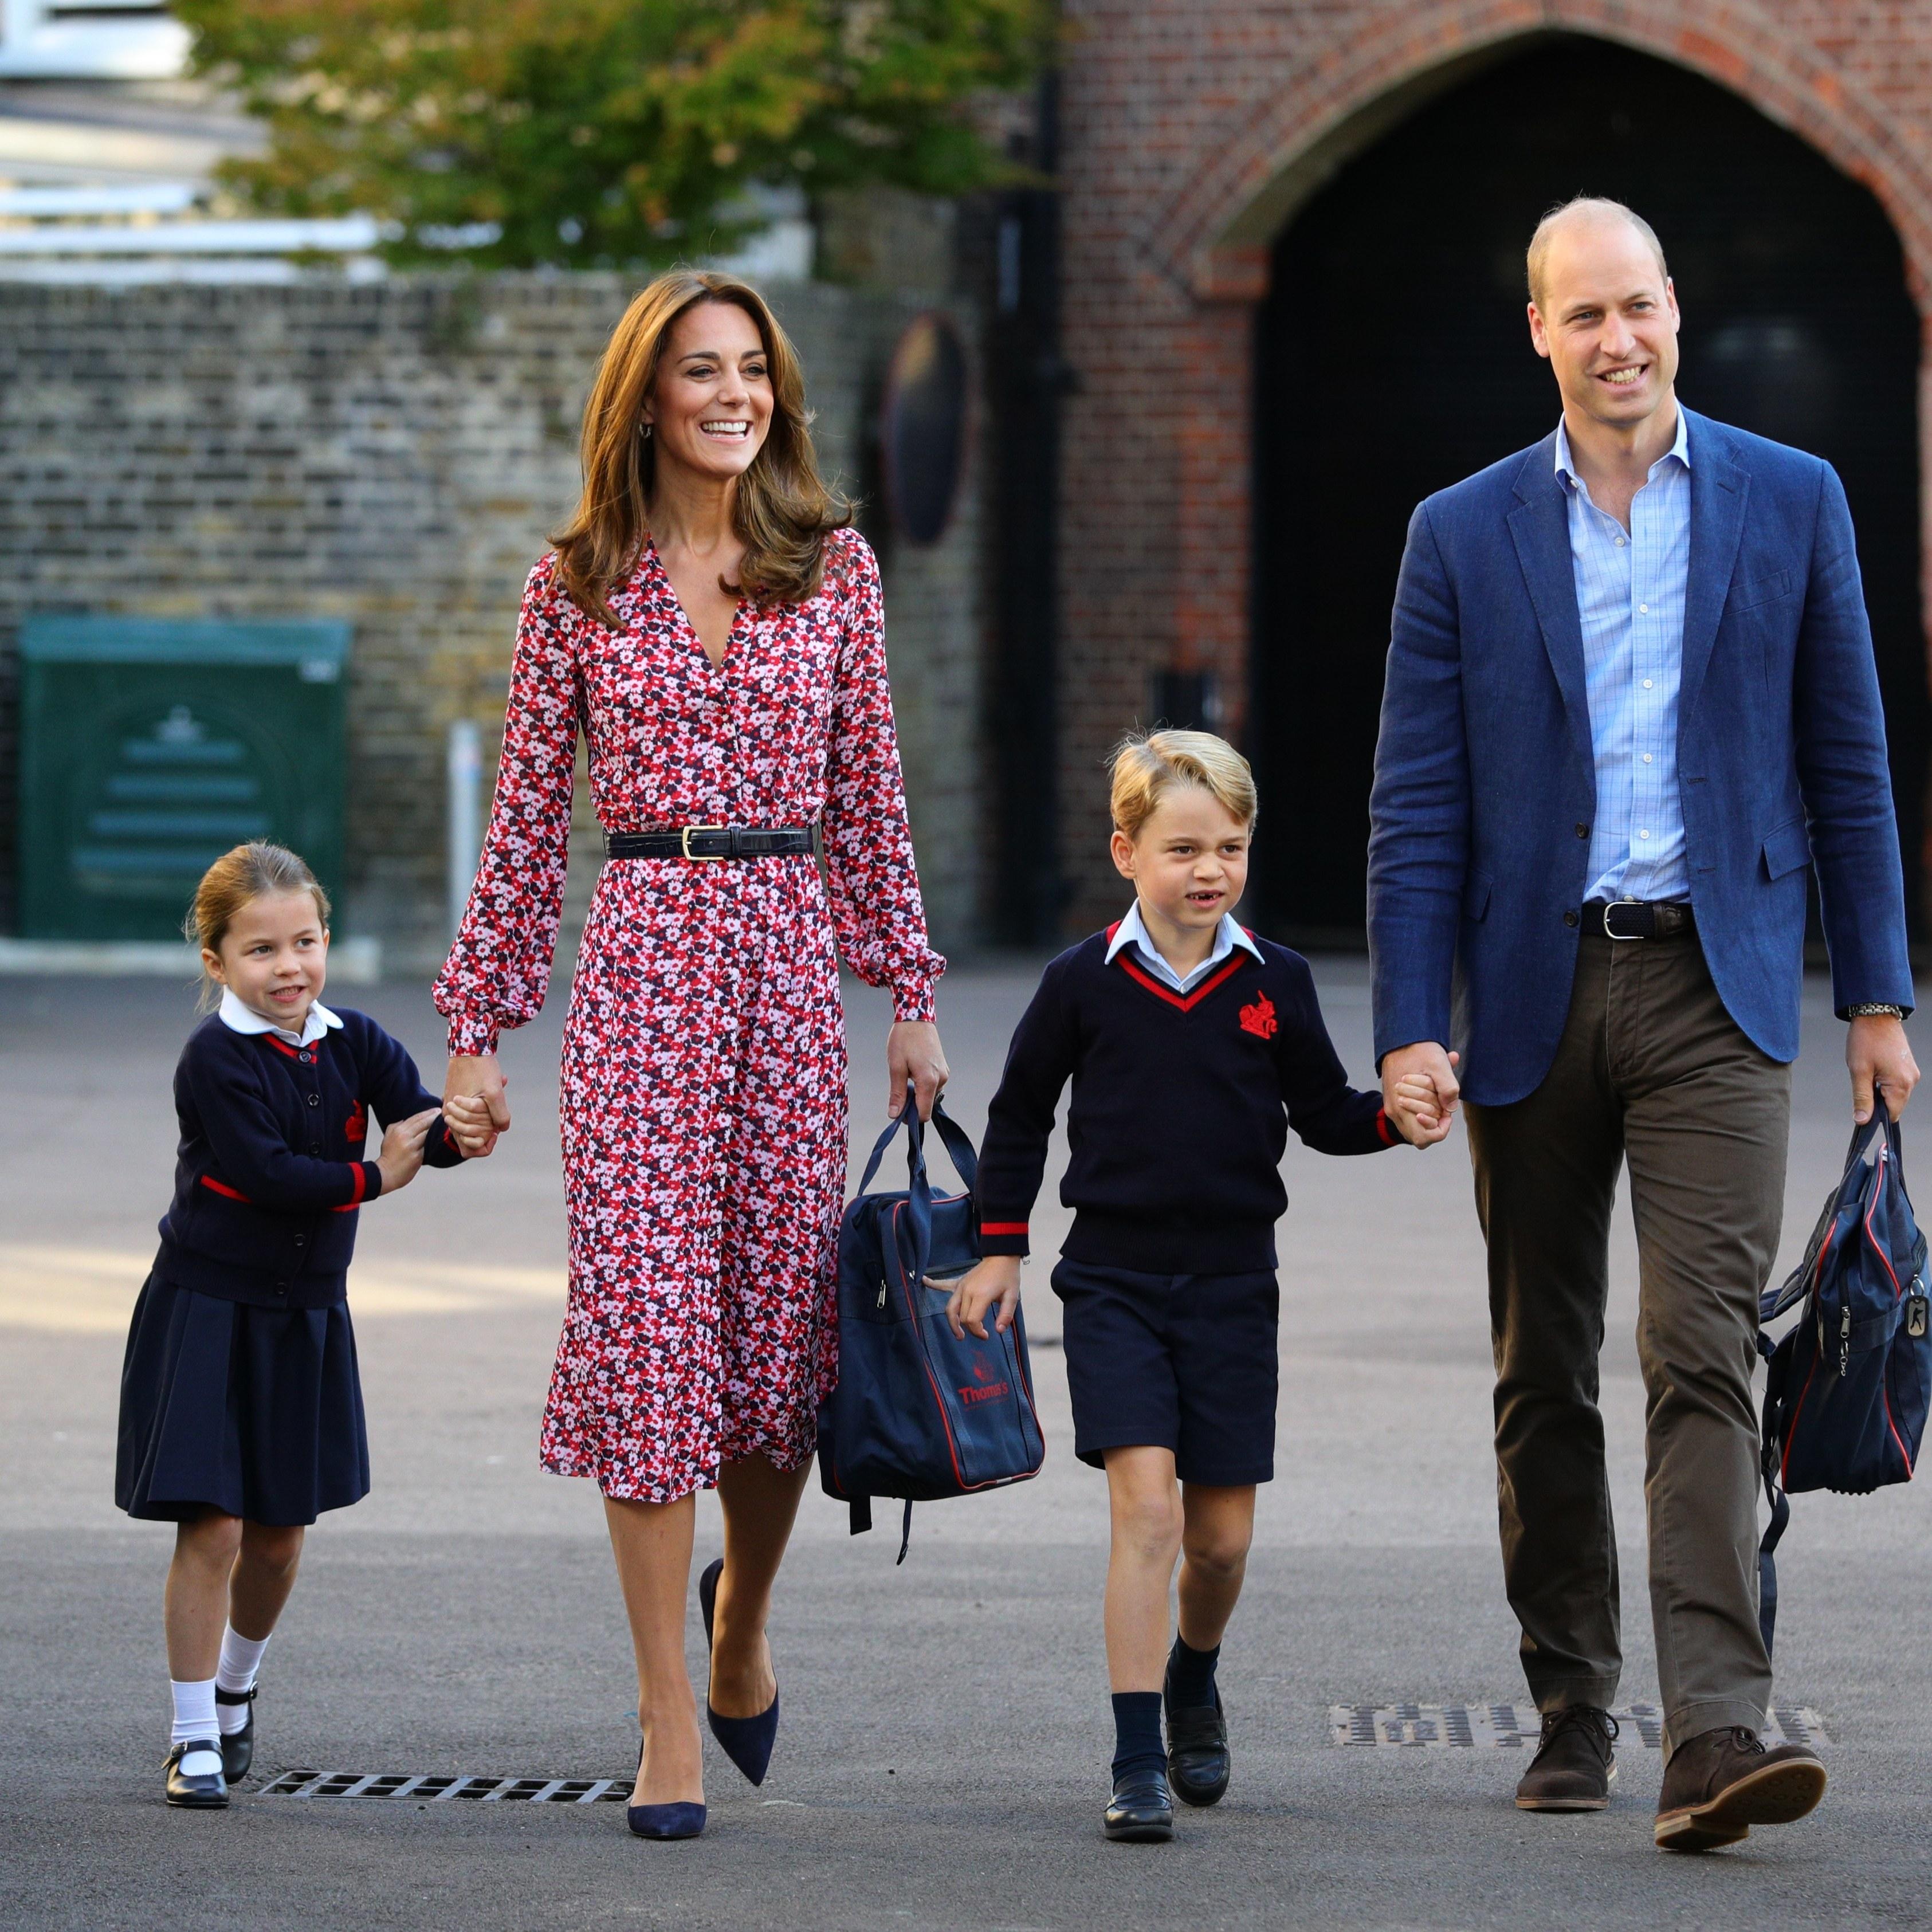 可爱的夏洛特公主第一天学校报道 和哥哥乔治王子同个学校